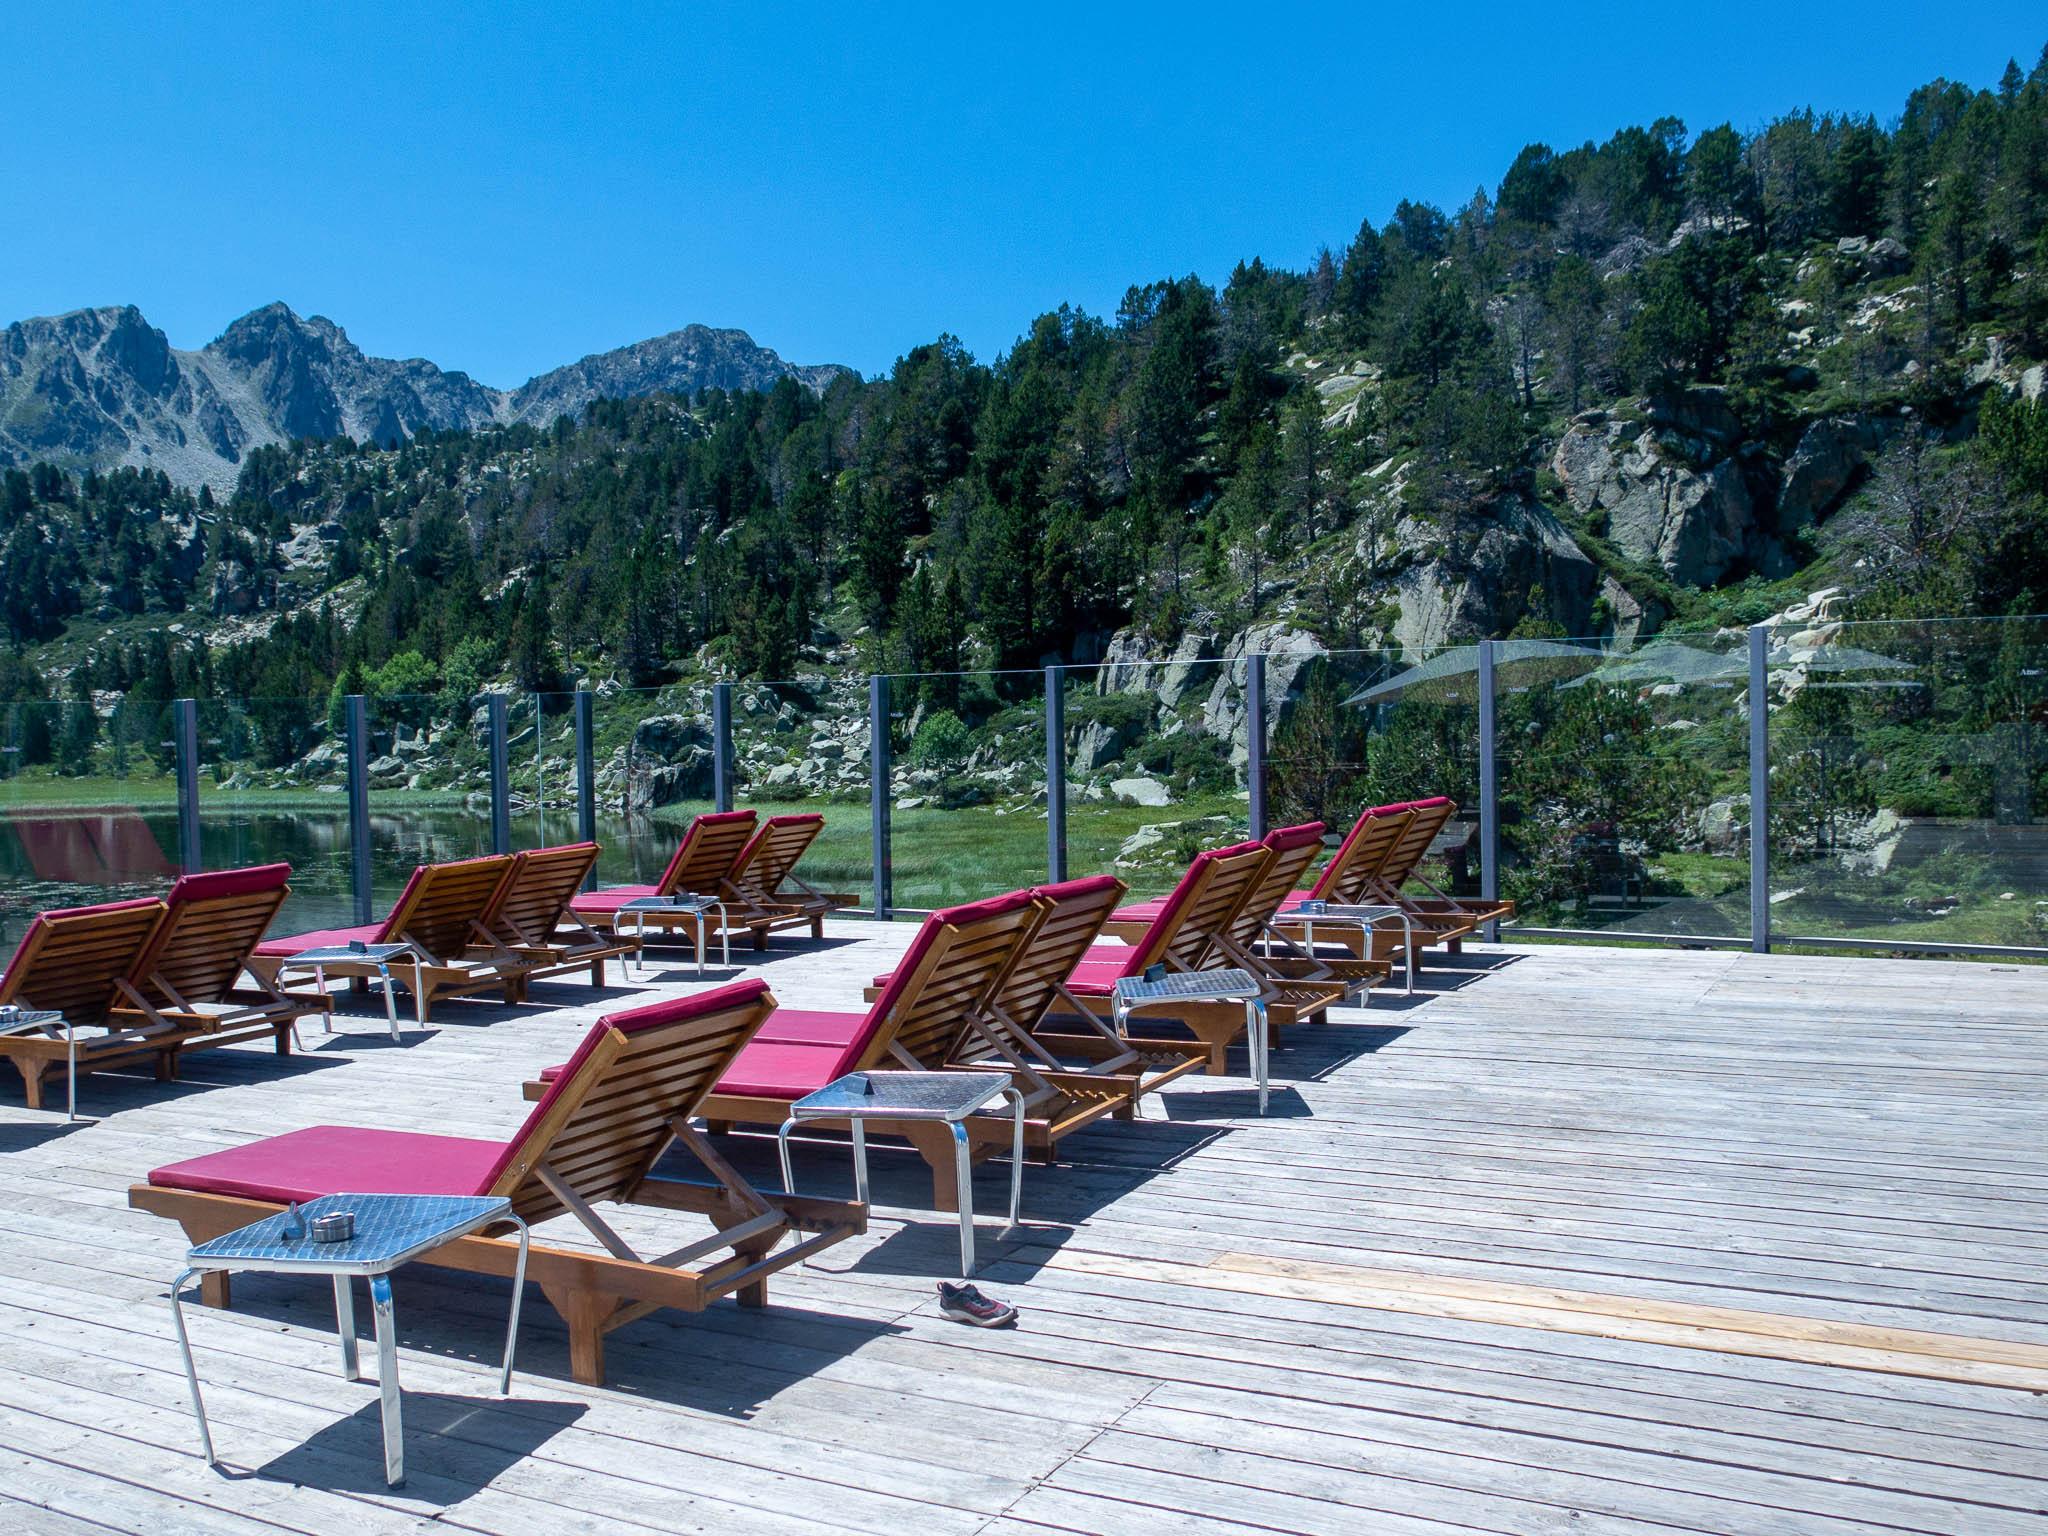 Terrasse Llac dels Pessons Andorra Grandvalira, Sonnenliege, im Hintergrund eine See und Berge